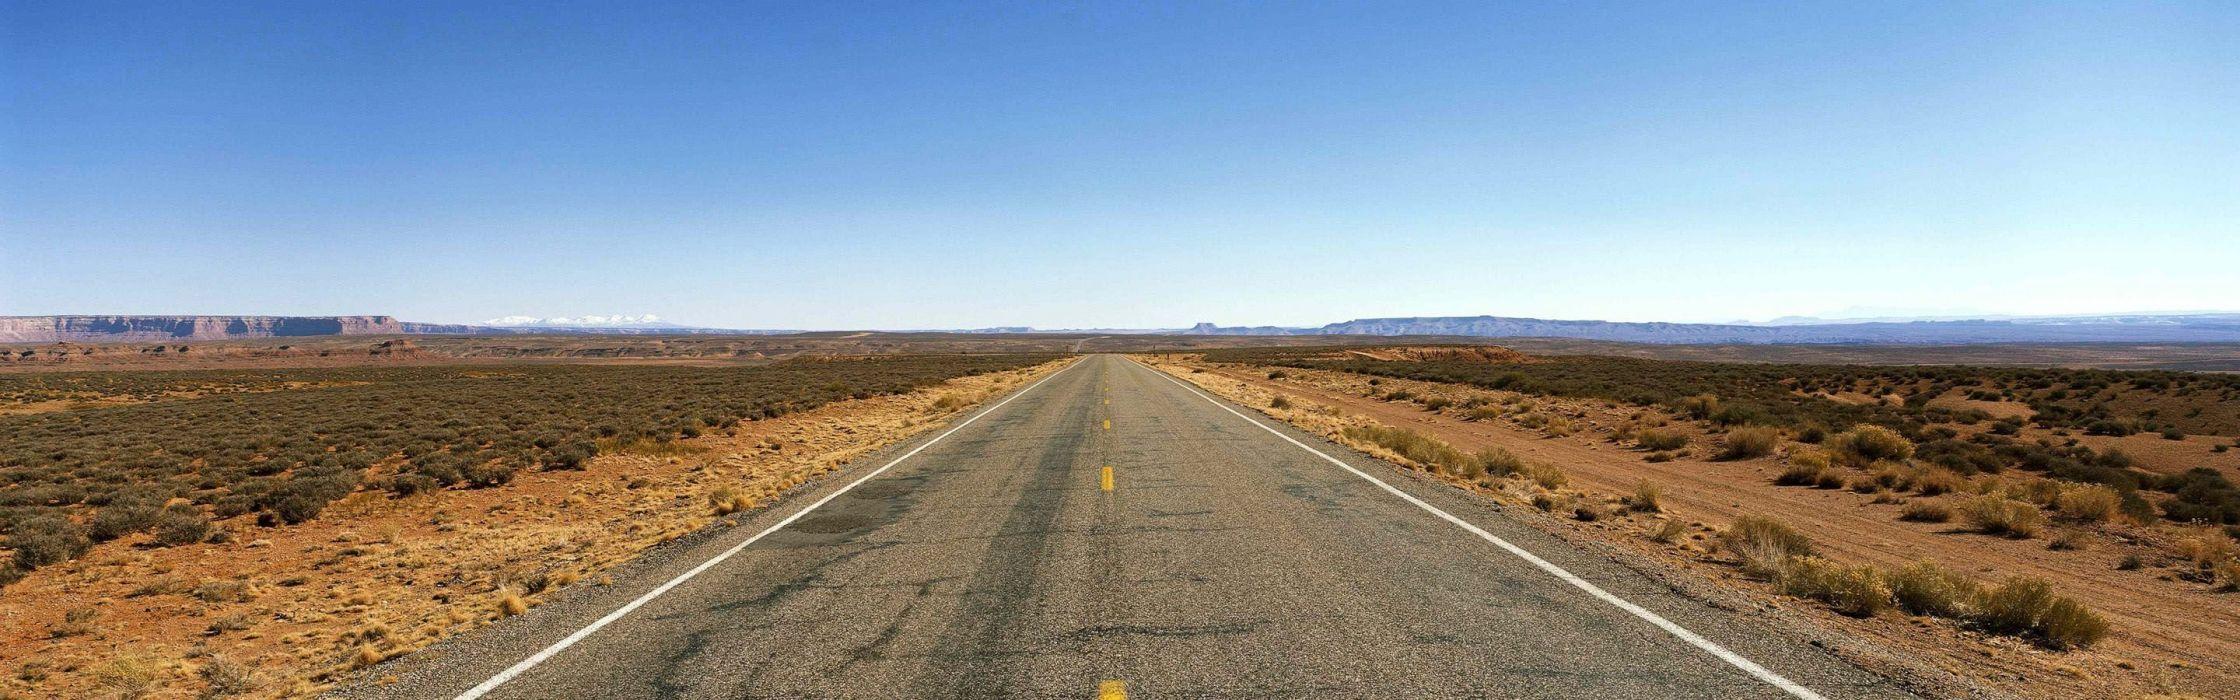 party highways desert road wallpaper